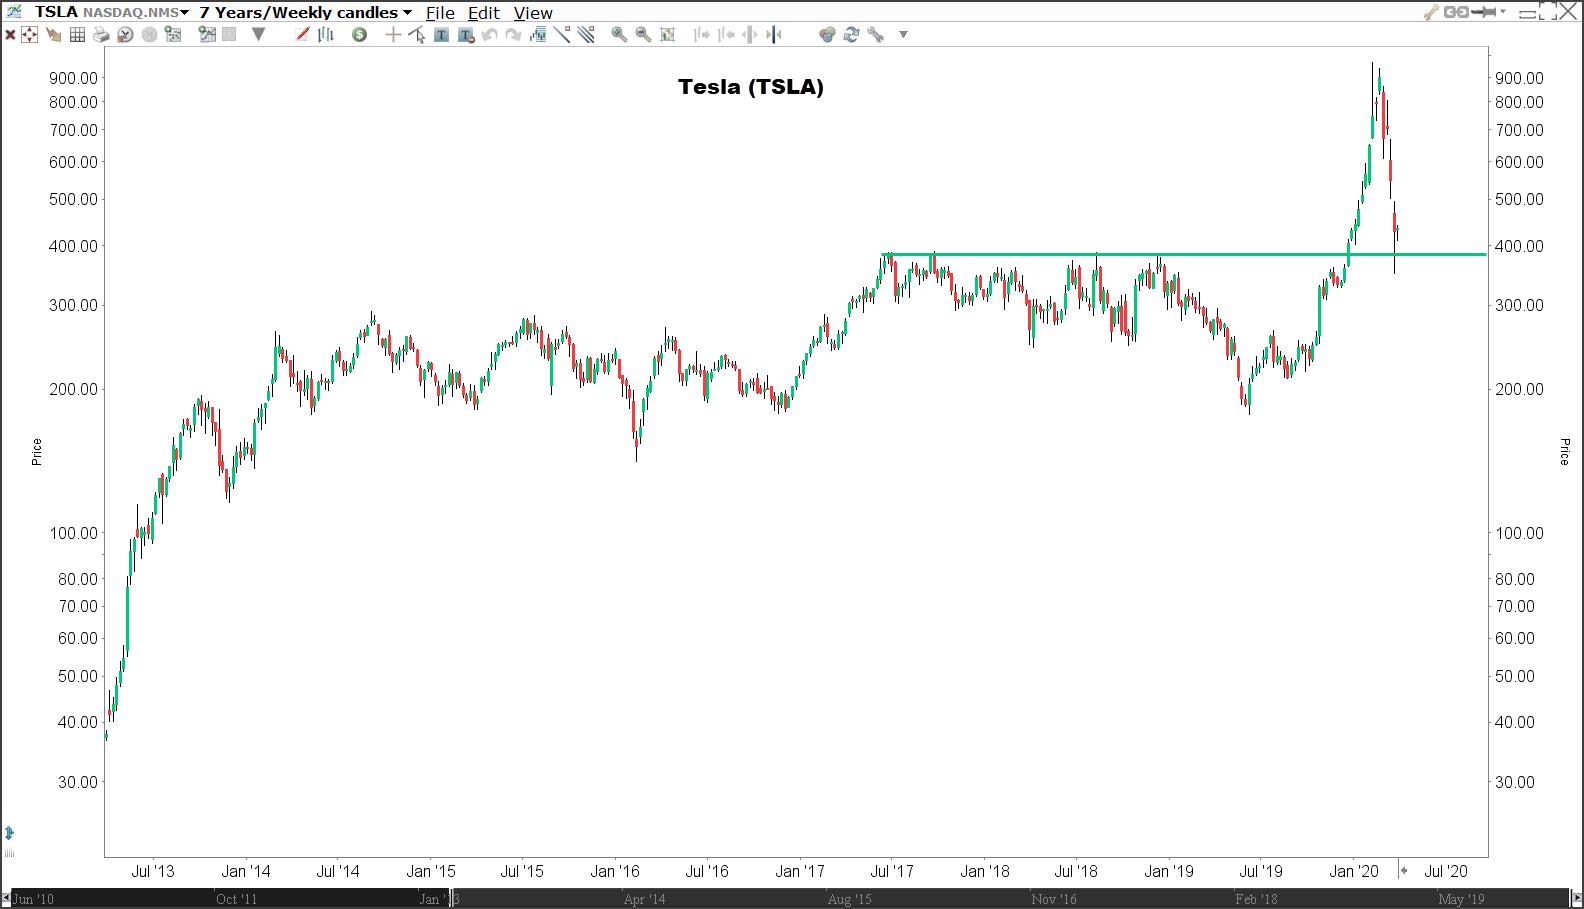 Aandeel Tesla (TSLA) - Beleggen in trends